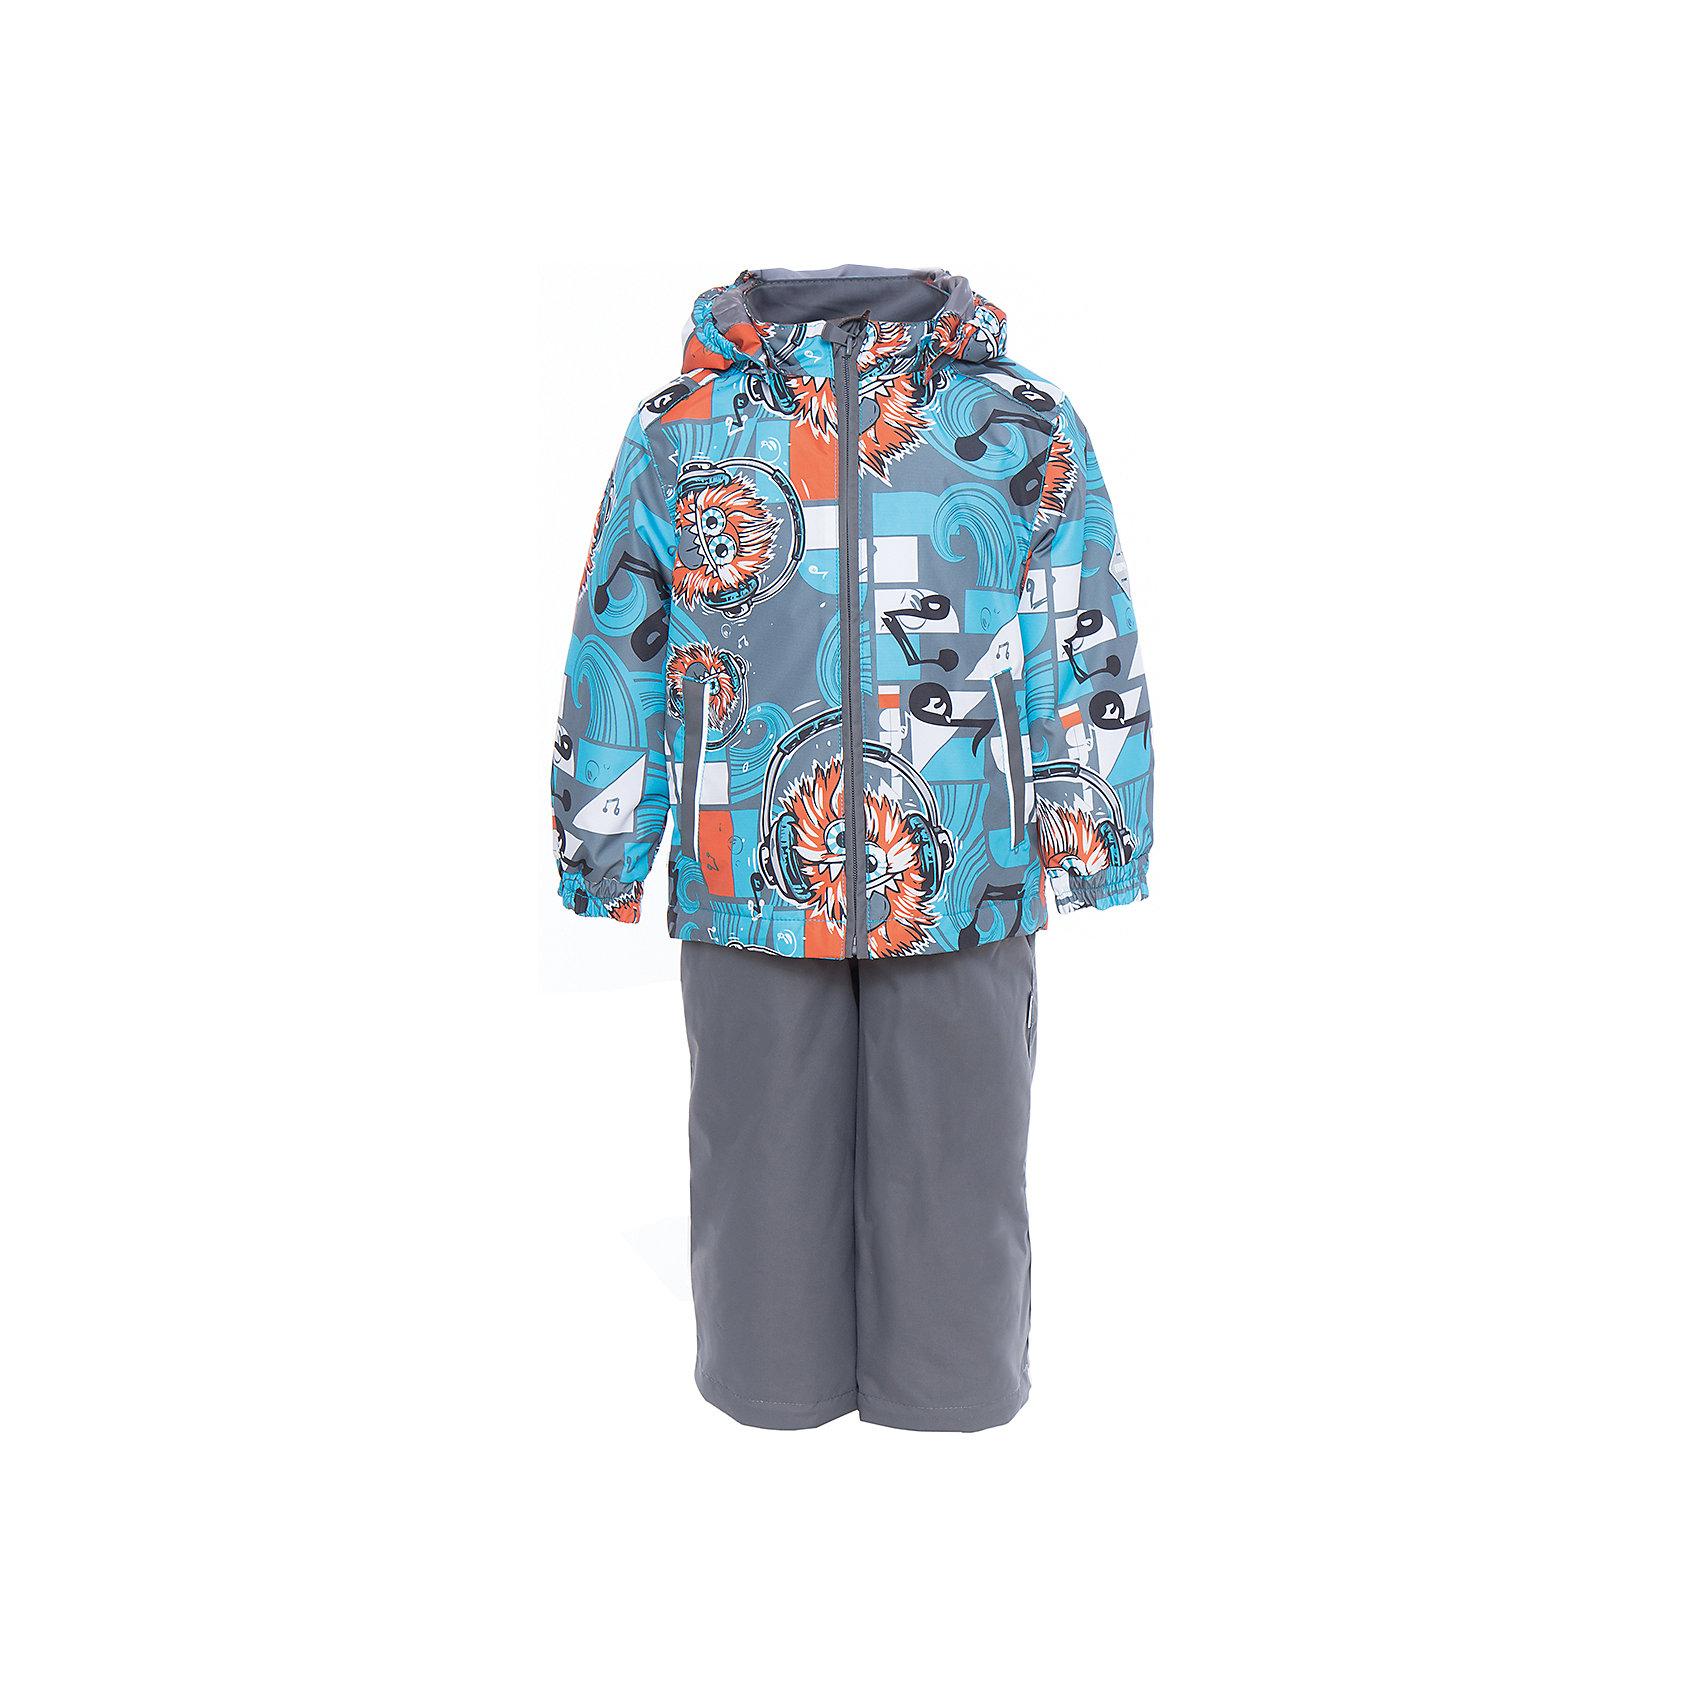 Комплект: куртка и полукомбинезон YOKO для мальчика HuppaКомплекты<br>Характеристики товара:<br><br>• цвет: голубой принт/серый<br>• комплектация: куртка и полукомбинезон <br>• ткань: 100% полиэстер<br>• подкладка: тафта - 100% полиэстер<br>• утеплитель: в куртке и в брюках - 100% полиэстер 100 г<br>• температурный режим: от -5°С до +10°С<br>• водонепроницаемость: 10000 мм<br>• воздухопроницаемость: 10000 мм<br>• светоотражающие детали<br>• шов сидения проклеен<br>• эластичный шнур по низу куртки<br>• эластичный шнур с фиксатором внизу брючин<br>• съёмный капюшон с резинкой<br>• эластичные манжеты рукавов<br>• регулируемые низы брючин<br>• без внутренних швов<br>• резиновые подтяжки<br>• коллекция: весна-лето 2017<br>• страна бренда: Эстония<br><br>Такой модный демисезонный комплект  обеспечит детям тепло и комфорт. Он сделан из материала, отталкивающего воду, и дополнен подкладкой с утеплителем, поэтому изделие идеально подходит для межсезонья. Материал изделий - с мембранной технологией: защищая от влаги и ветра, он легко выводит лишнюю влагу наружу. Комплект очень симпатично смотрится. <br><br>Одежда и обувь от популярного эстонского бренда Huppa - отличный вариант одеть ребенка можно и комфортно. Вещи, выпускаемые компанией, качественные, продуманные и очень удобные. Для производства изделий используются только безопасные для детей материалы. Продукция от Huppa порадует и детей, и их родителей!<br><br>Комплект: куртка и полукомбинезон YOKO от бренда Huppa (Хуппа) можно купить в нашем интернет-магазине.<br><br>Ширина мм: 356<br>Глубина мм: 10<br>Высота мм: 245<br>Вес г: 519<br>Цвет: голубой<br>Возраст от месяцев: 72<br>Возраст до месяцев: 84<br>Пол: Мужской<br>Возраст: Детский<br>Размер: 122,92,98,104,110,116<br>SKU: 5346774